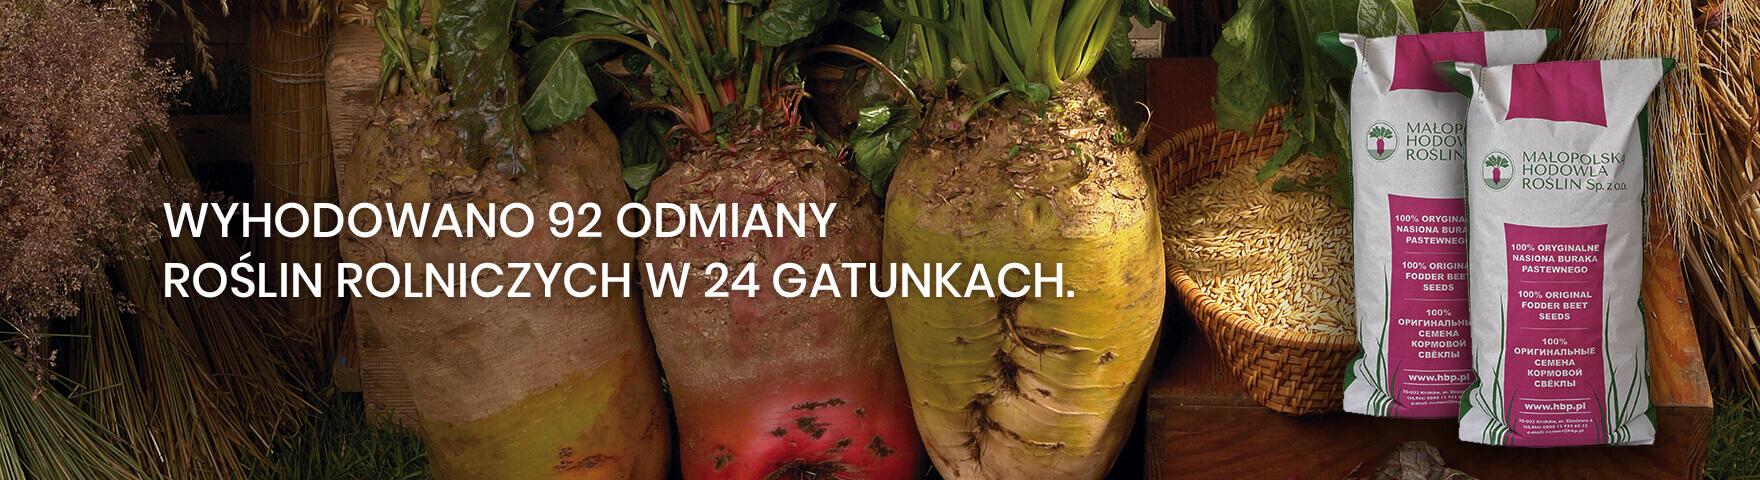 92 odmiany roślin rolniczych w 24 gatunkach